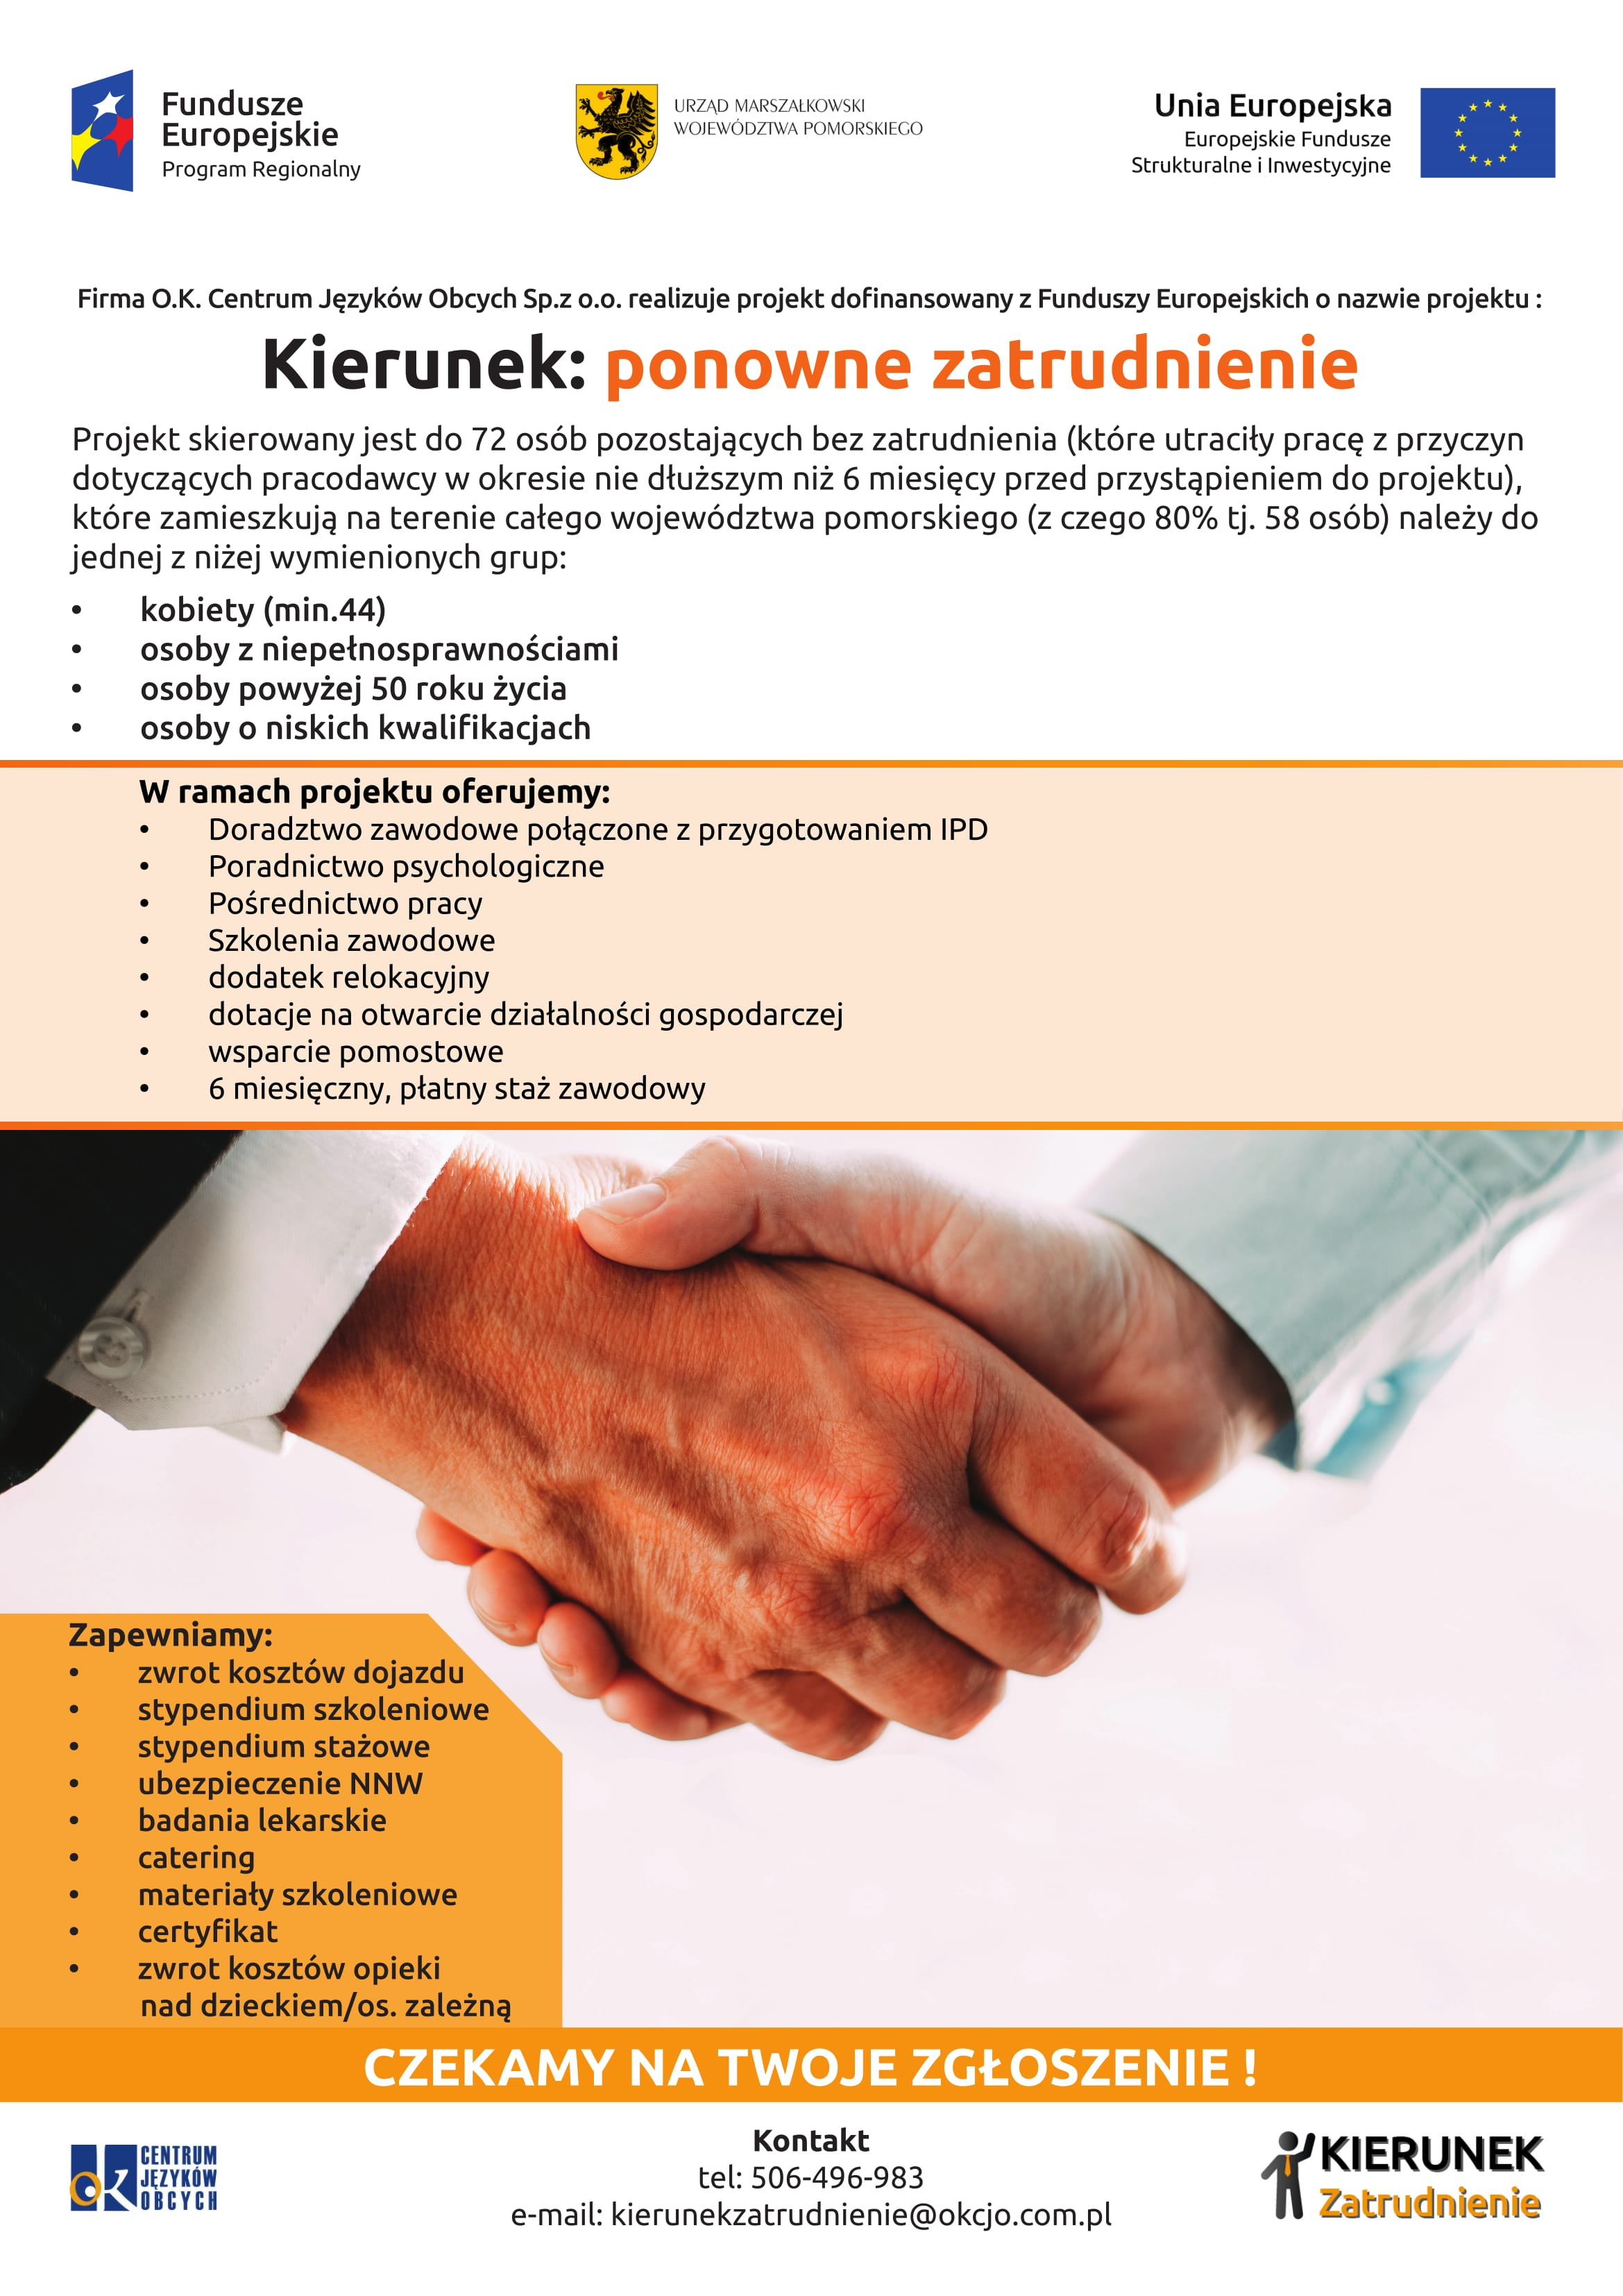 Kierunek_zatrudnienie_25_09_17_A3_8-1